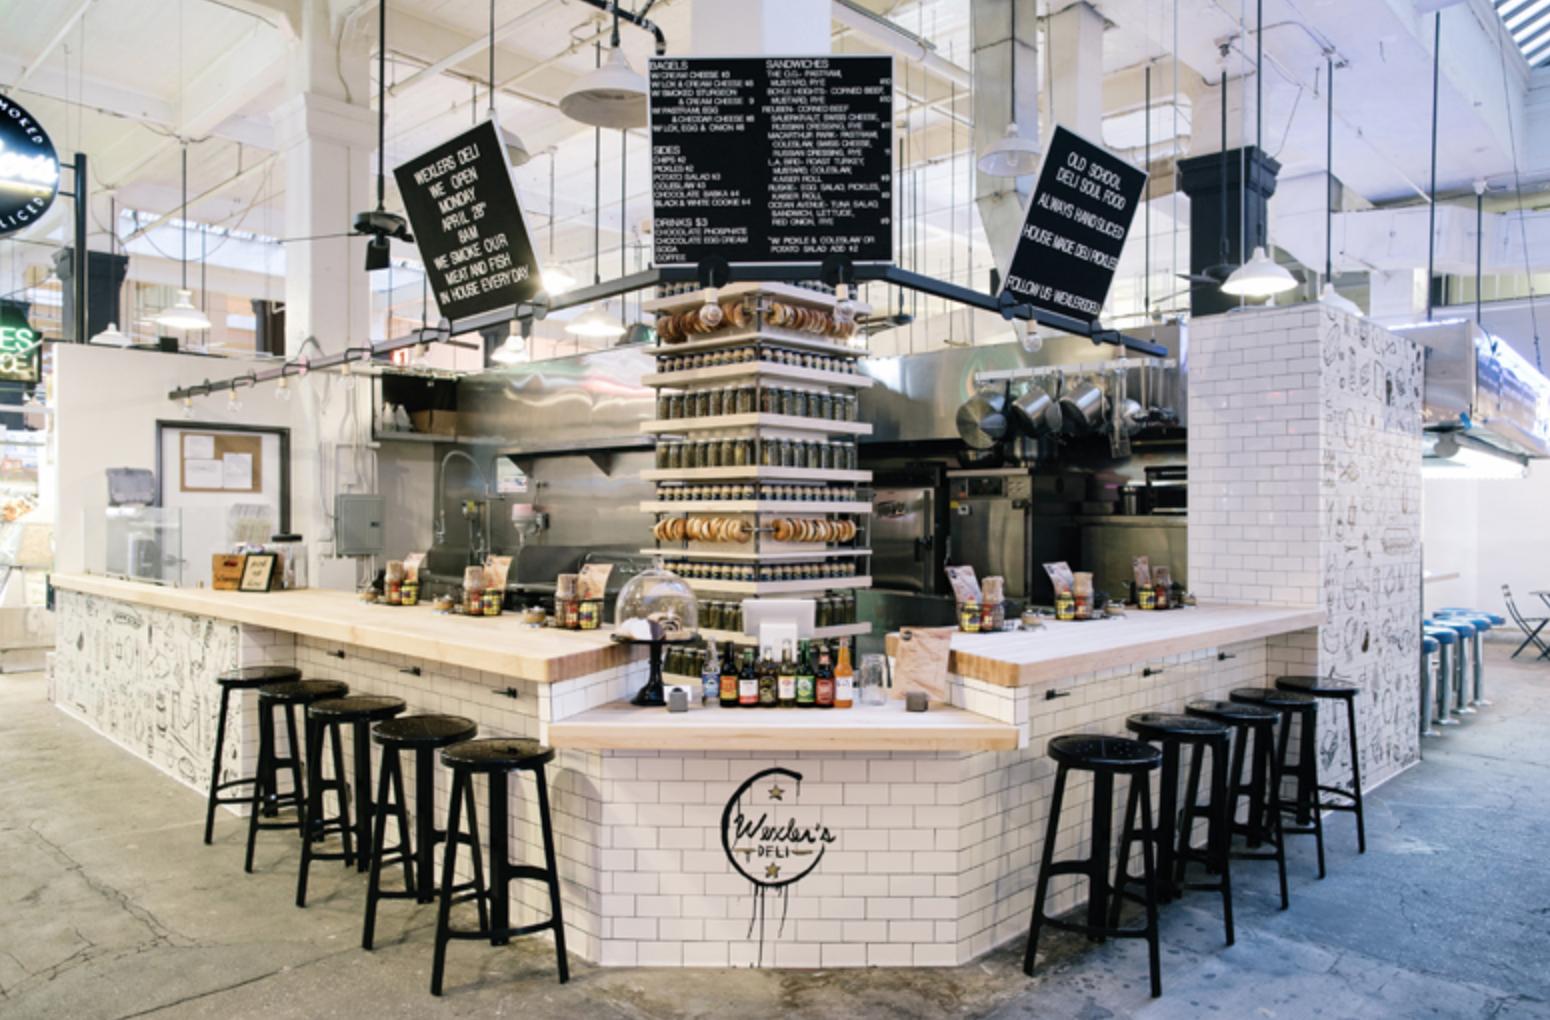 recipease deli, notting hill, london | deli - grocery decor